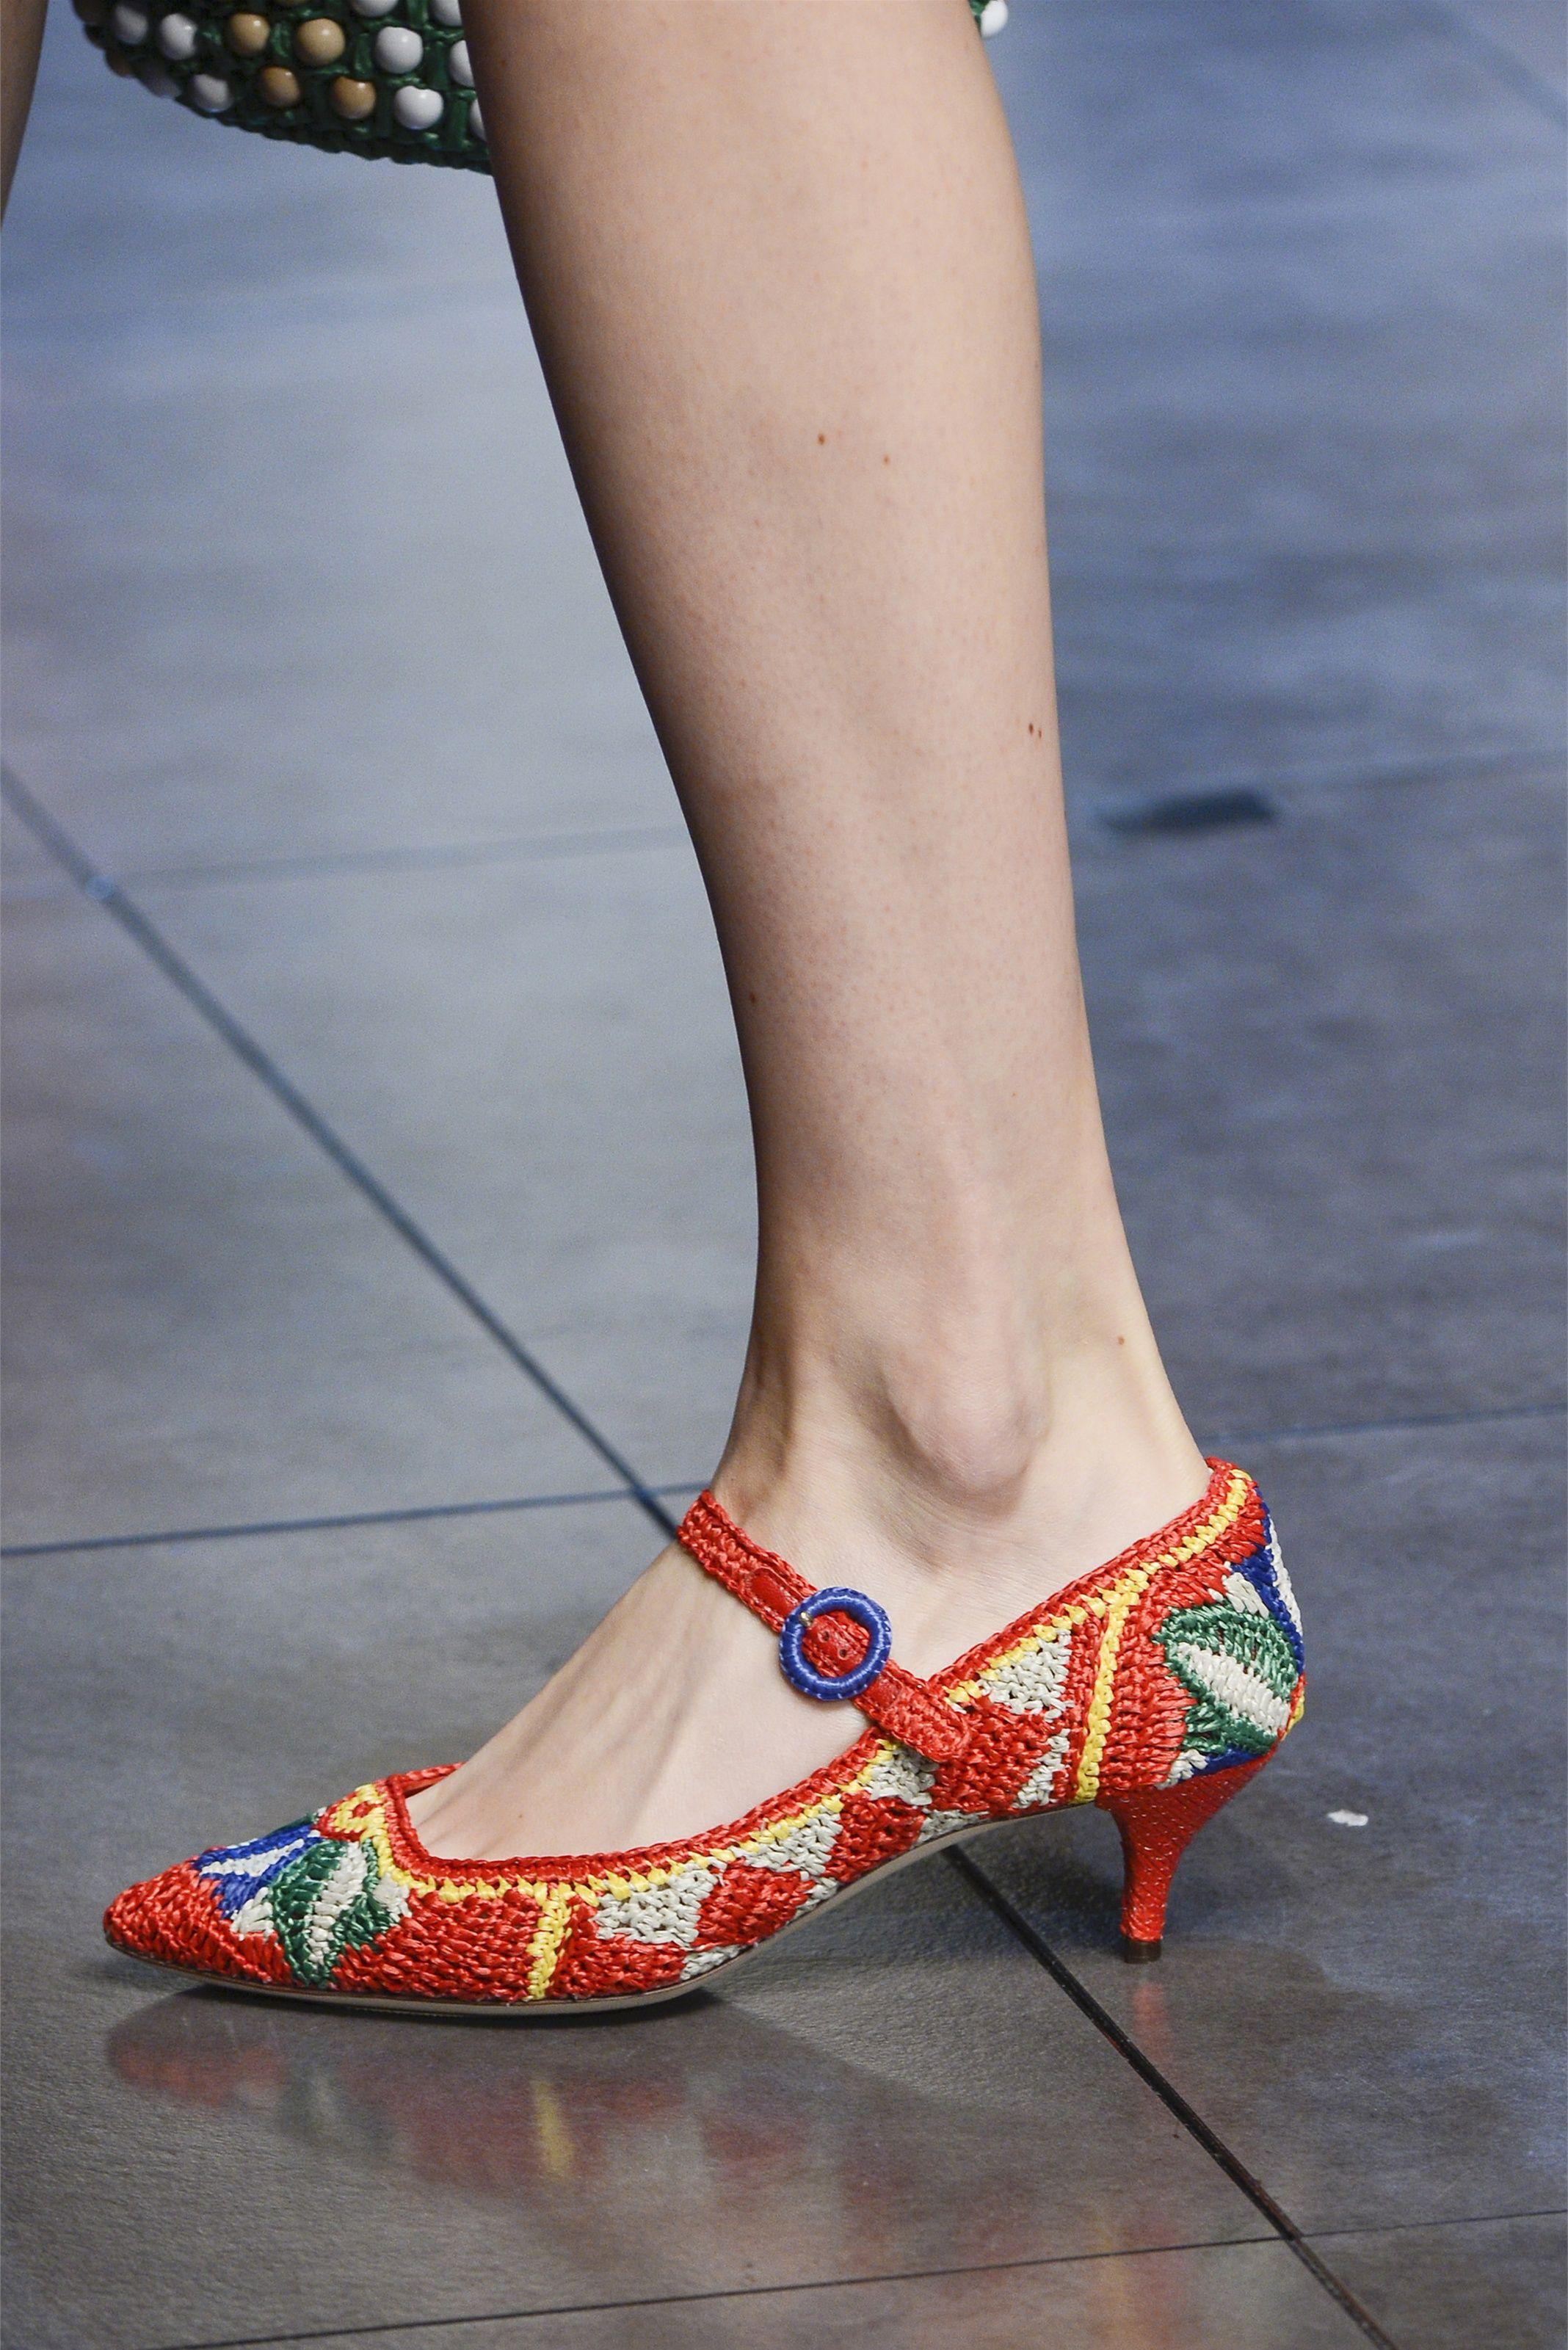 Zapatos Botas Gabbana Dolce Pinterest Fashion Y Calzado O4Hw1Hq